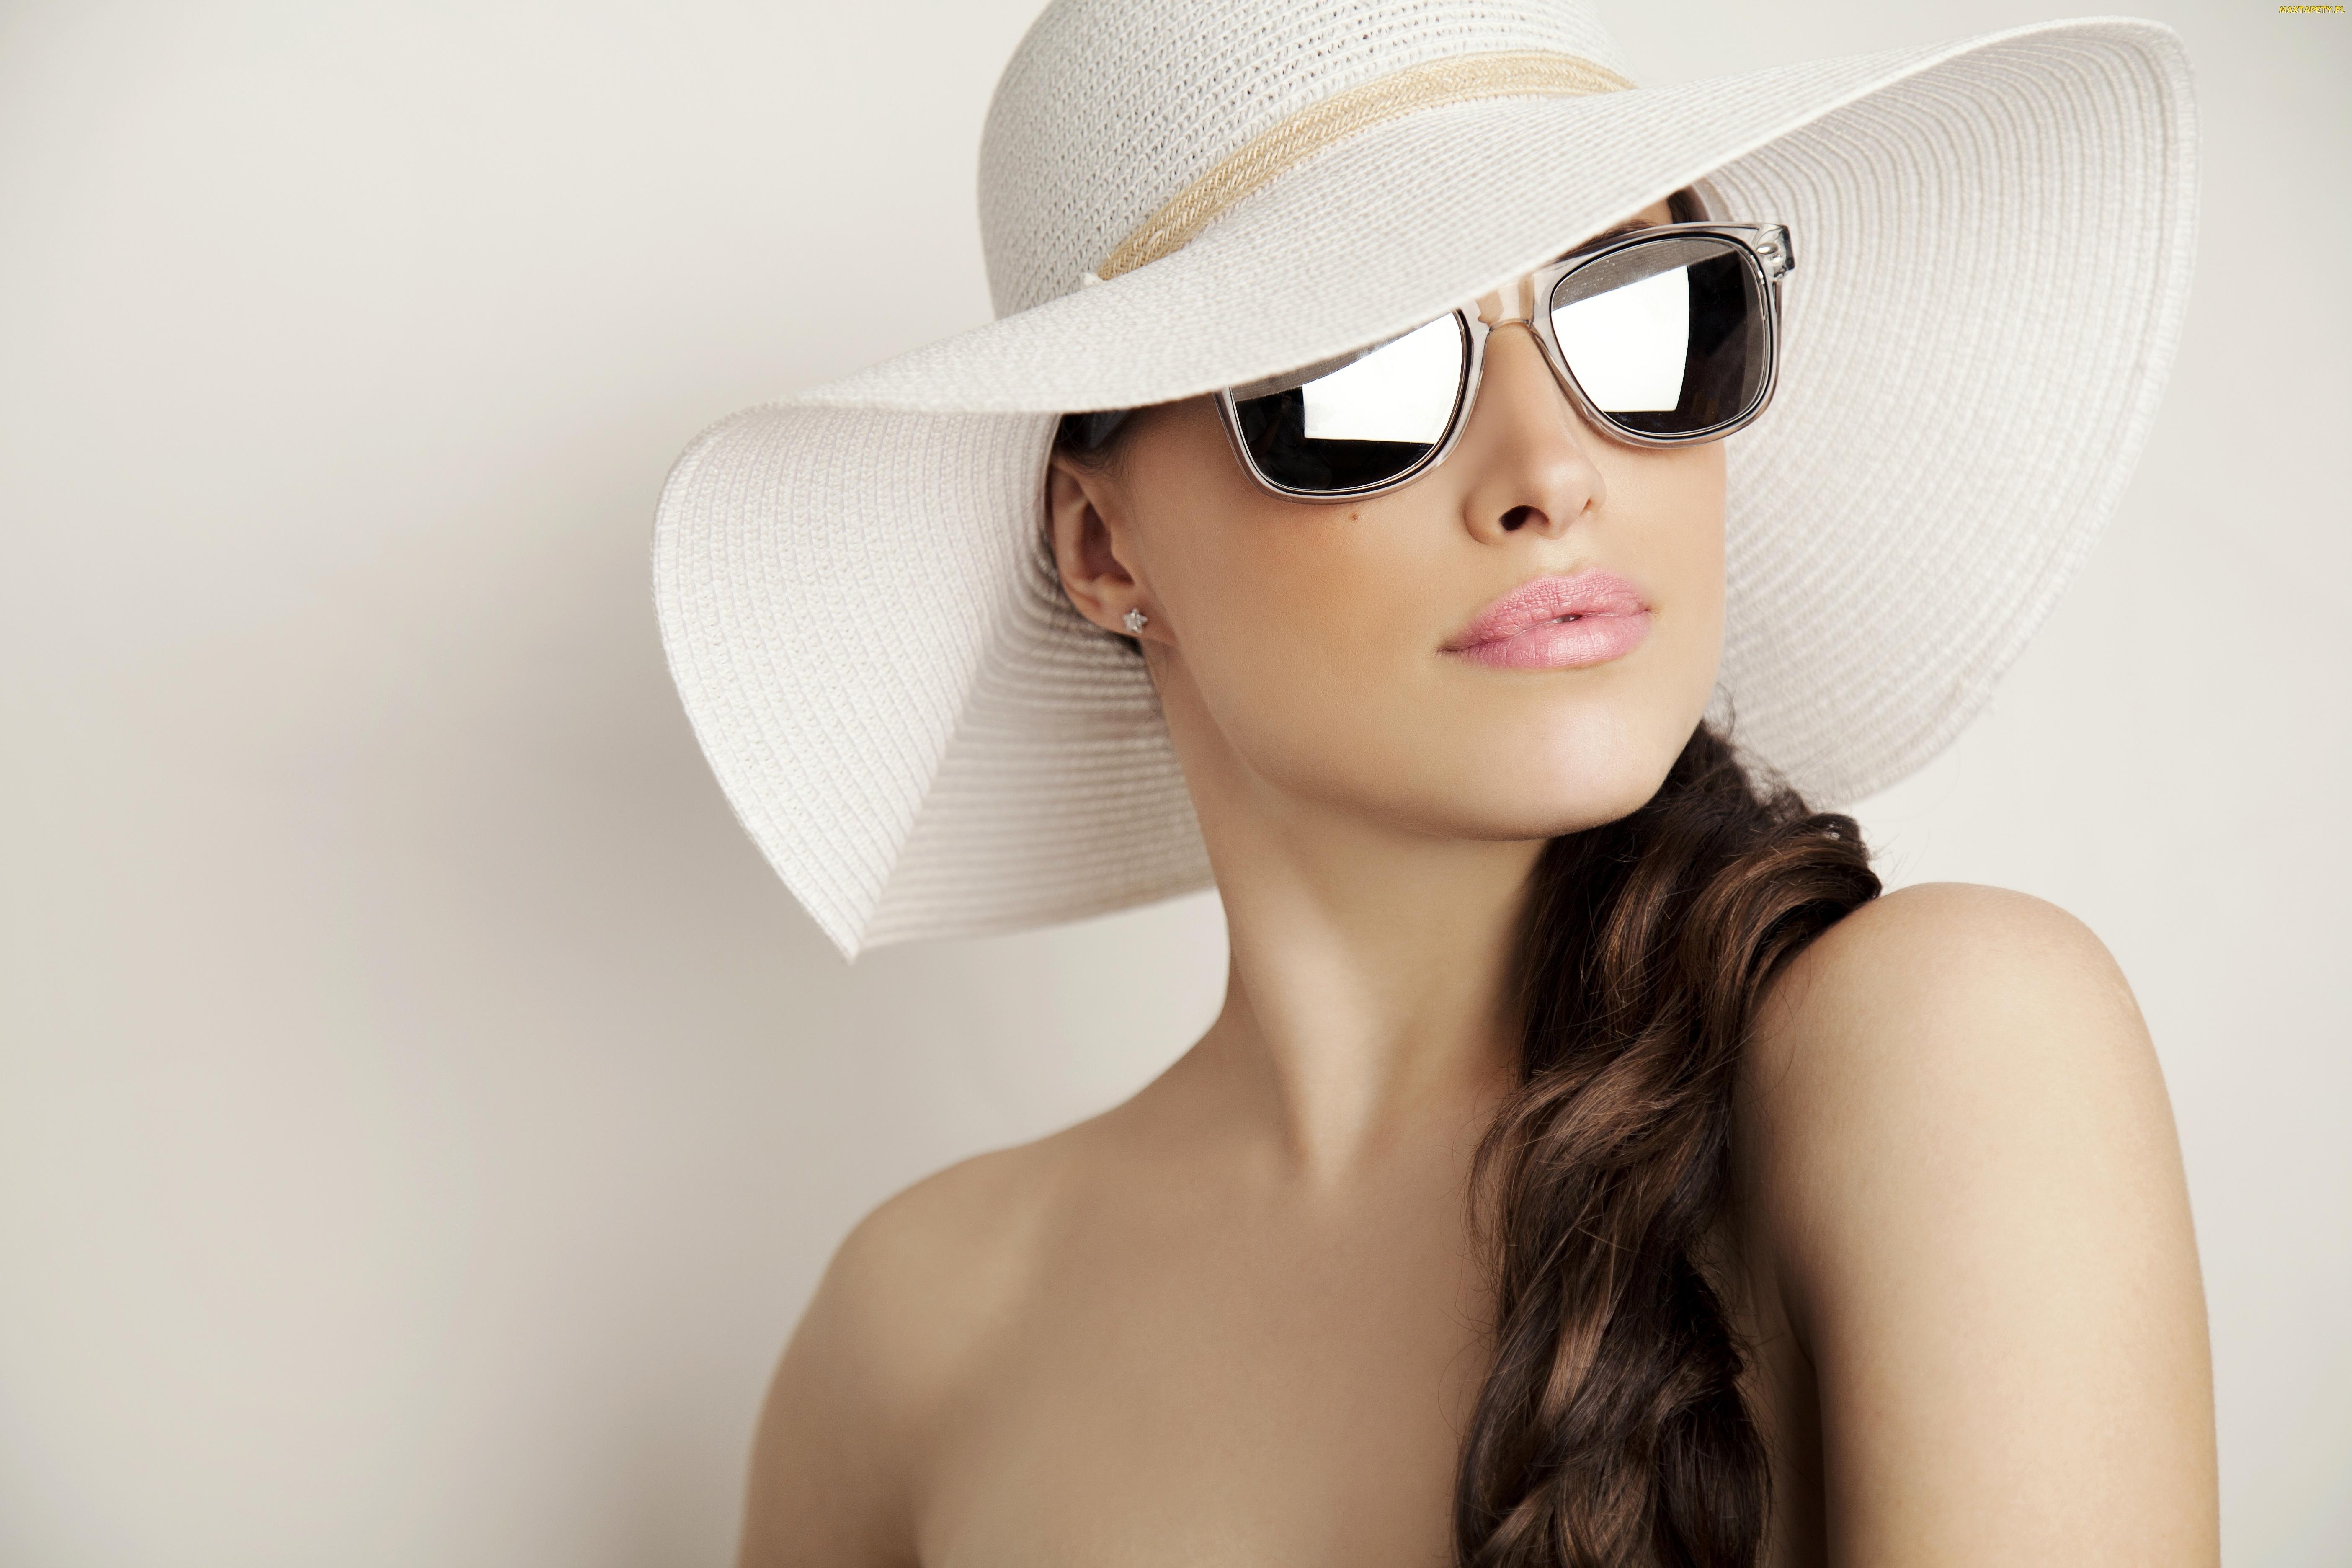 tapety, zdjęcia - kobieta, okulary, kapelusz, twarz